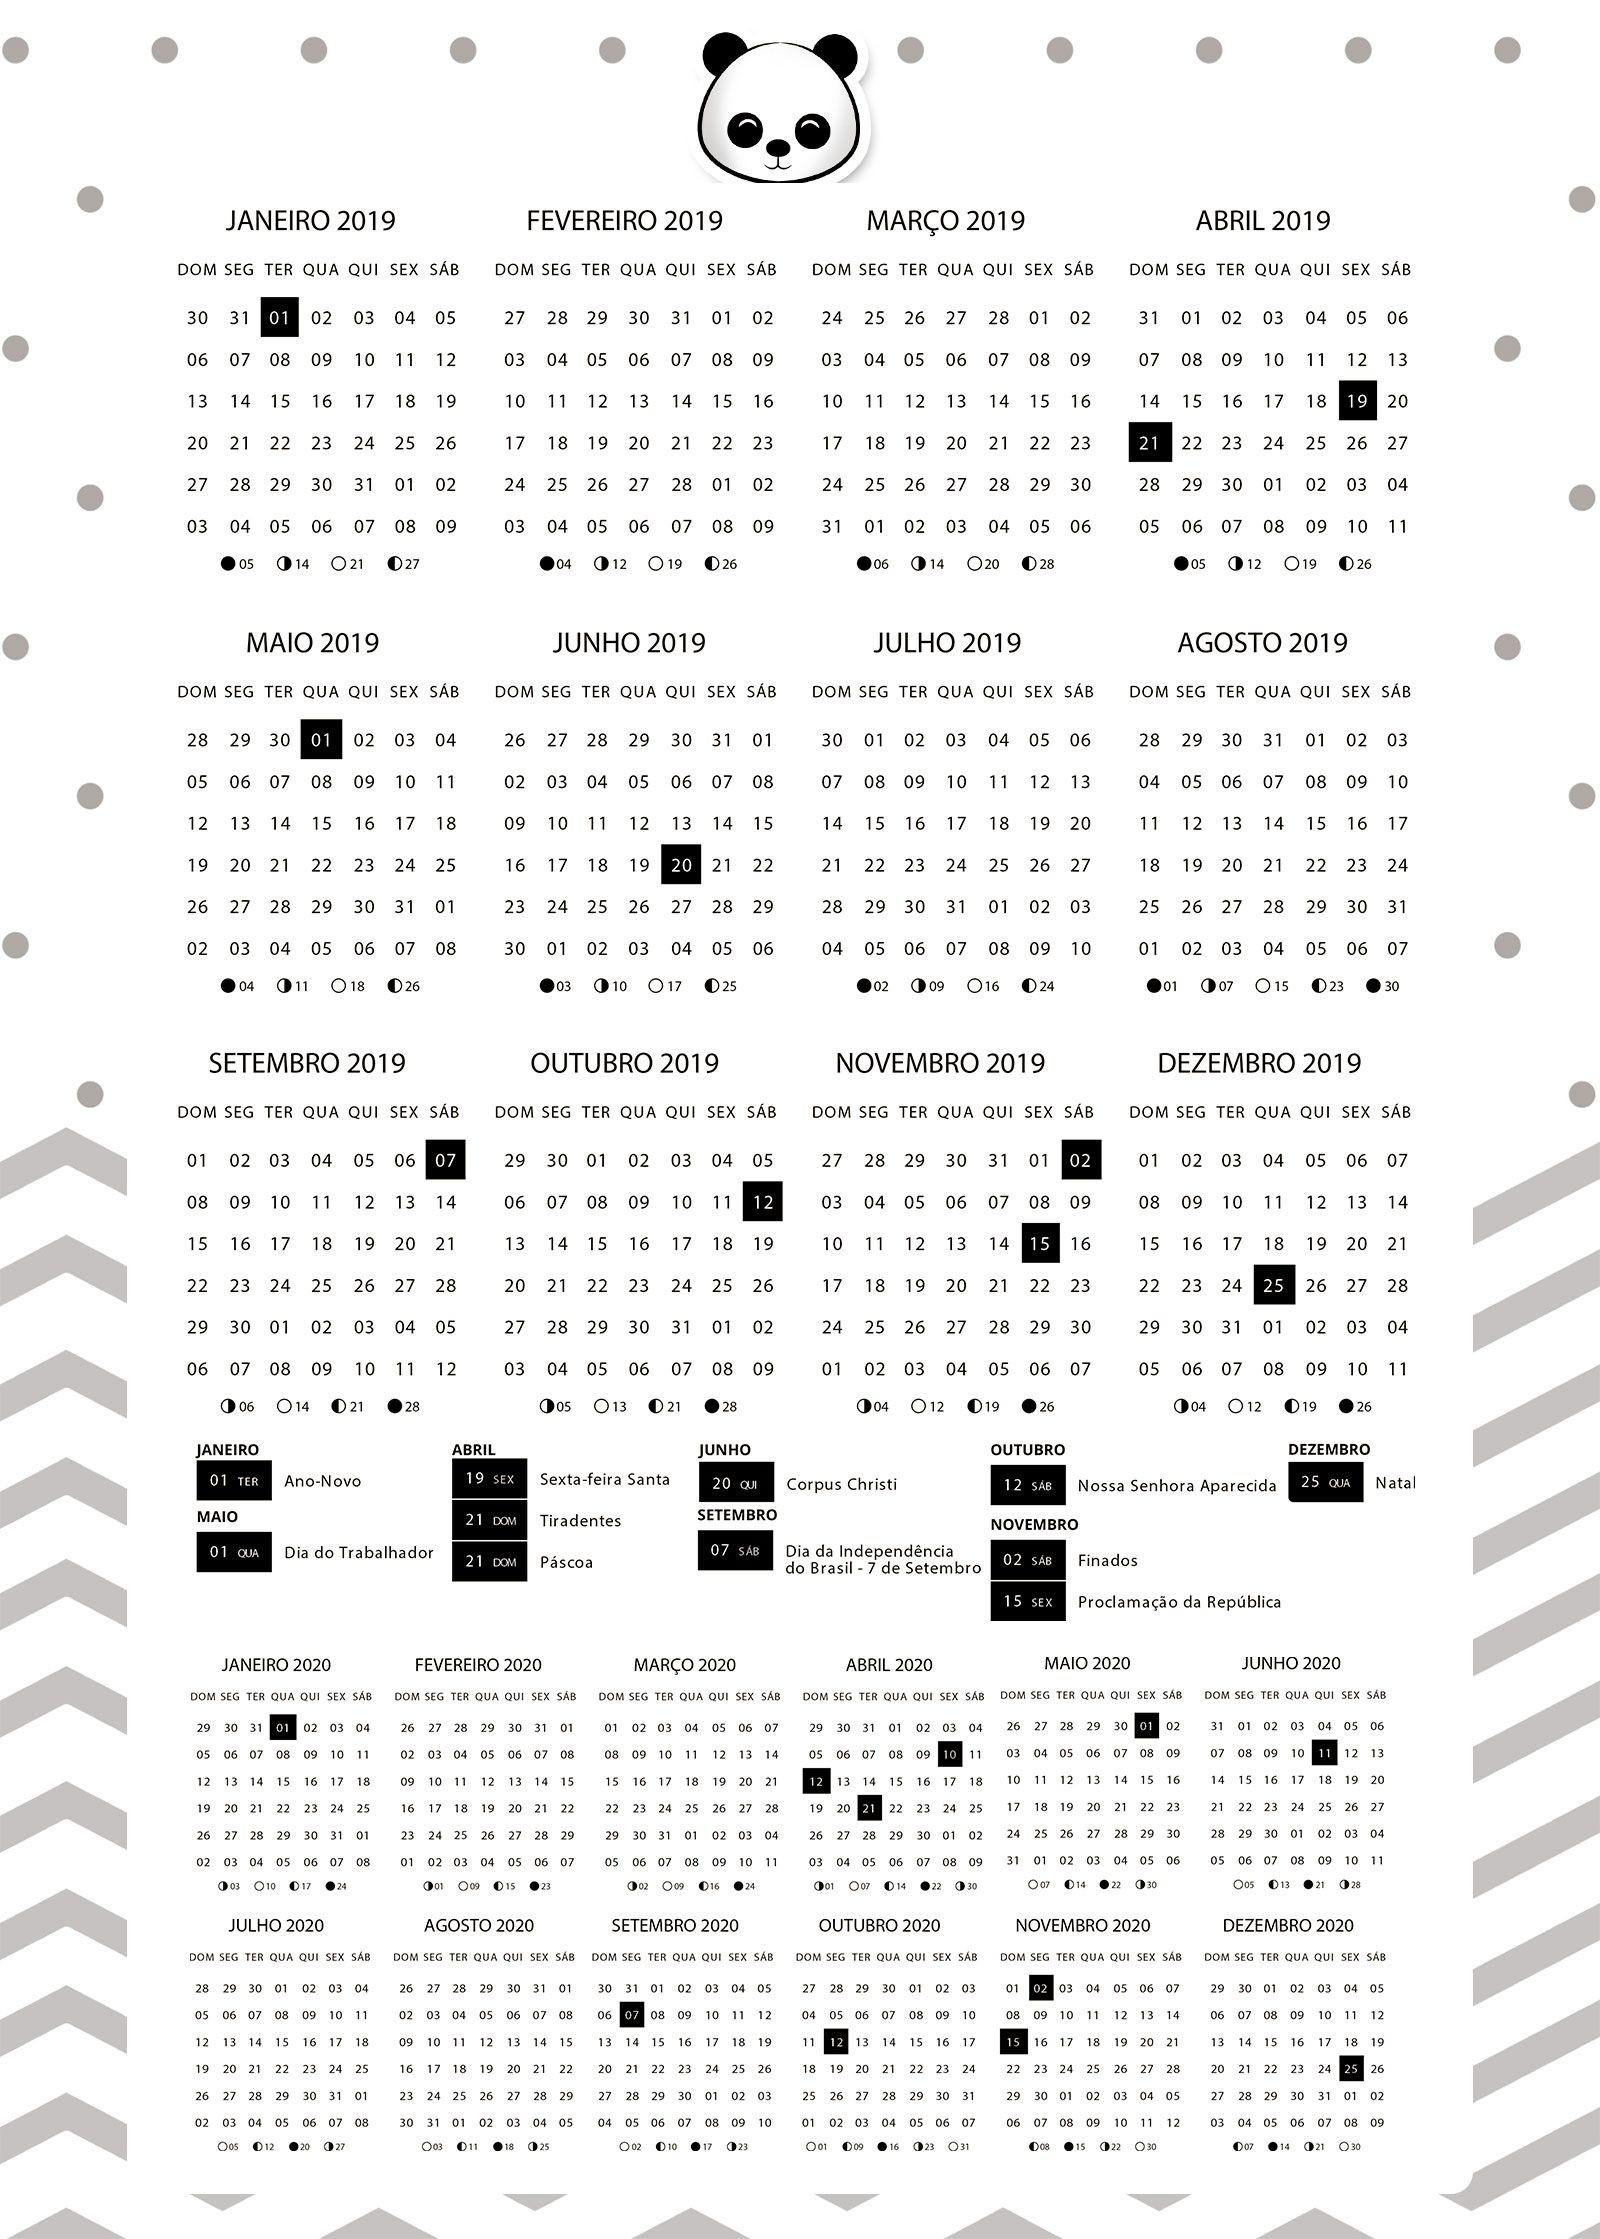 Calendario 2019 Free Download Mejores Y Más Novedosos Planner 2019 Panda Menino Calendario 2019 E 2020 Of Calendario 2019 Free Download Más Caliente Fiscal Calendars 2019 as Free Printable Word Templates